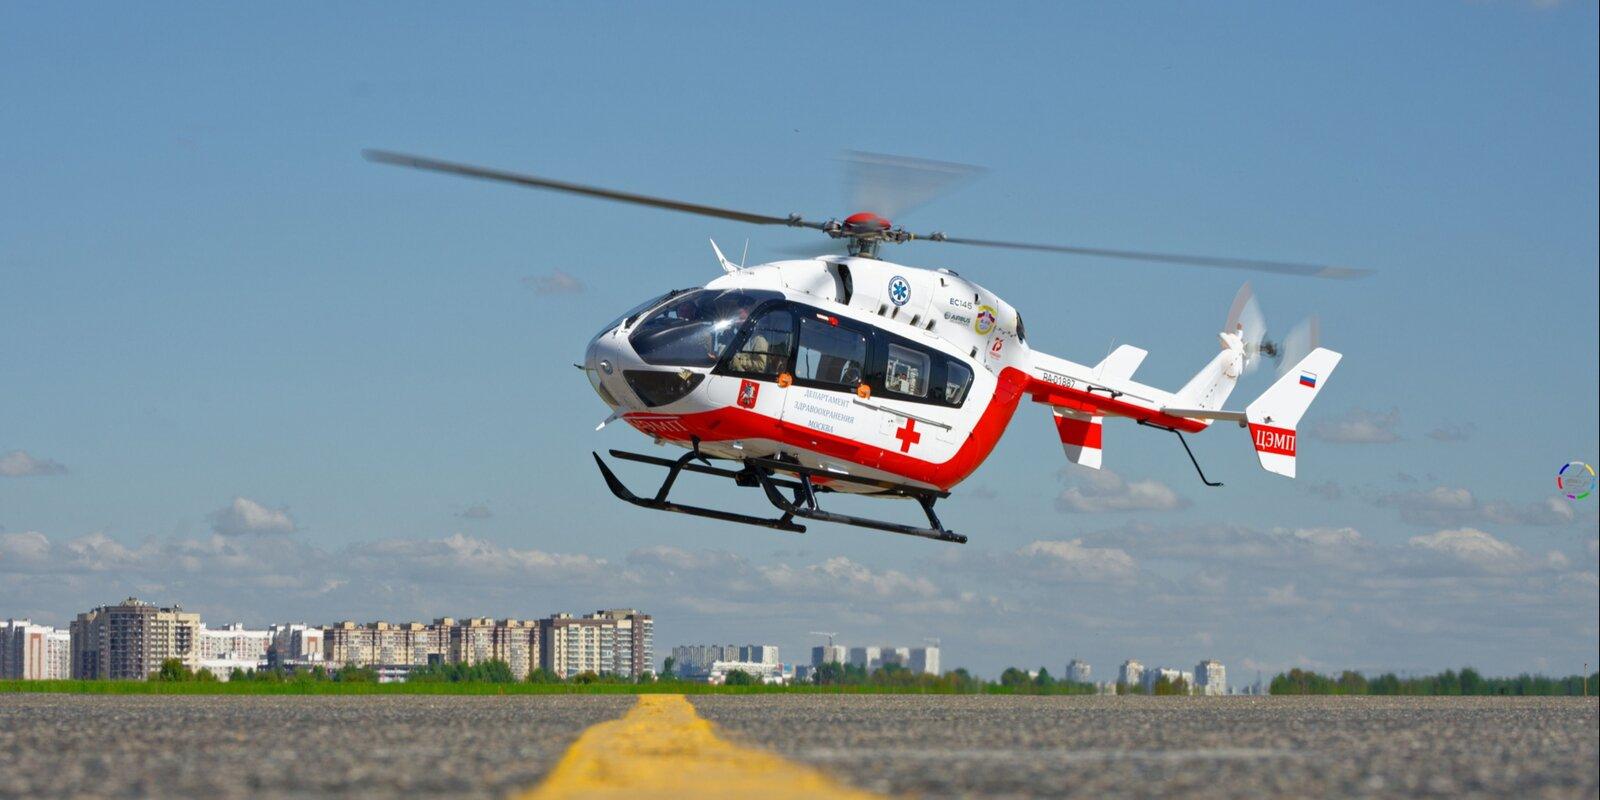 Почти 500 спасенных жизней: в Московском авиацентре подвели итоги за 2020 год